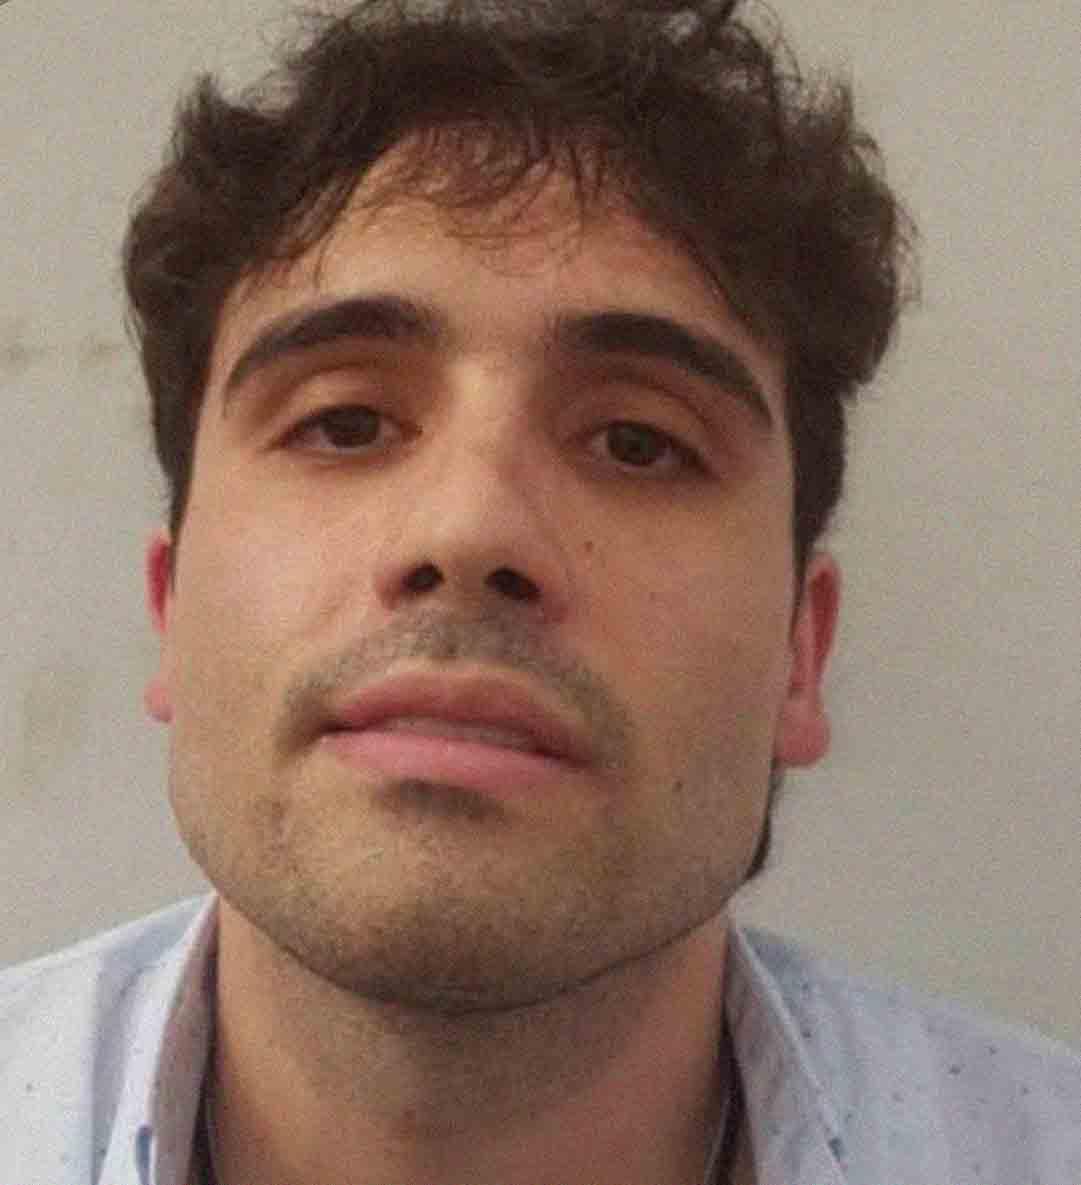 """Buscan al hijo de """"El Chapo"""" Guzmán en Sinaloa luego de que lo soltaran tras un intento fallido de arresto"""